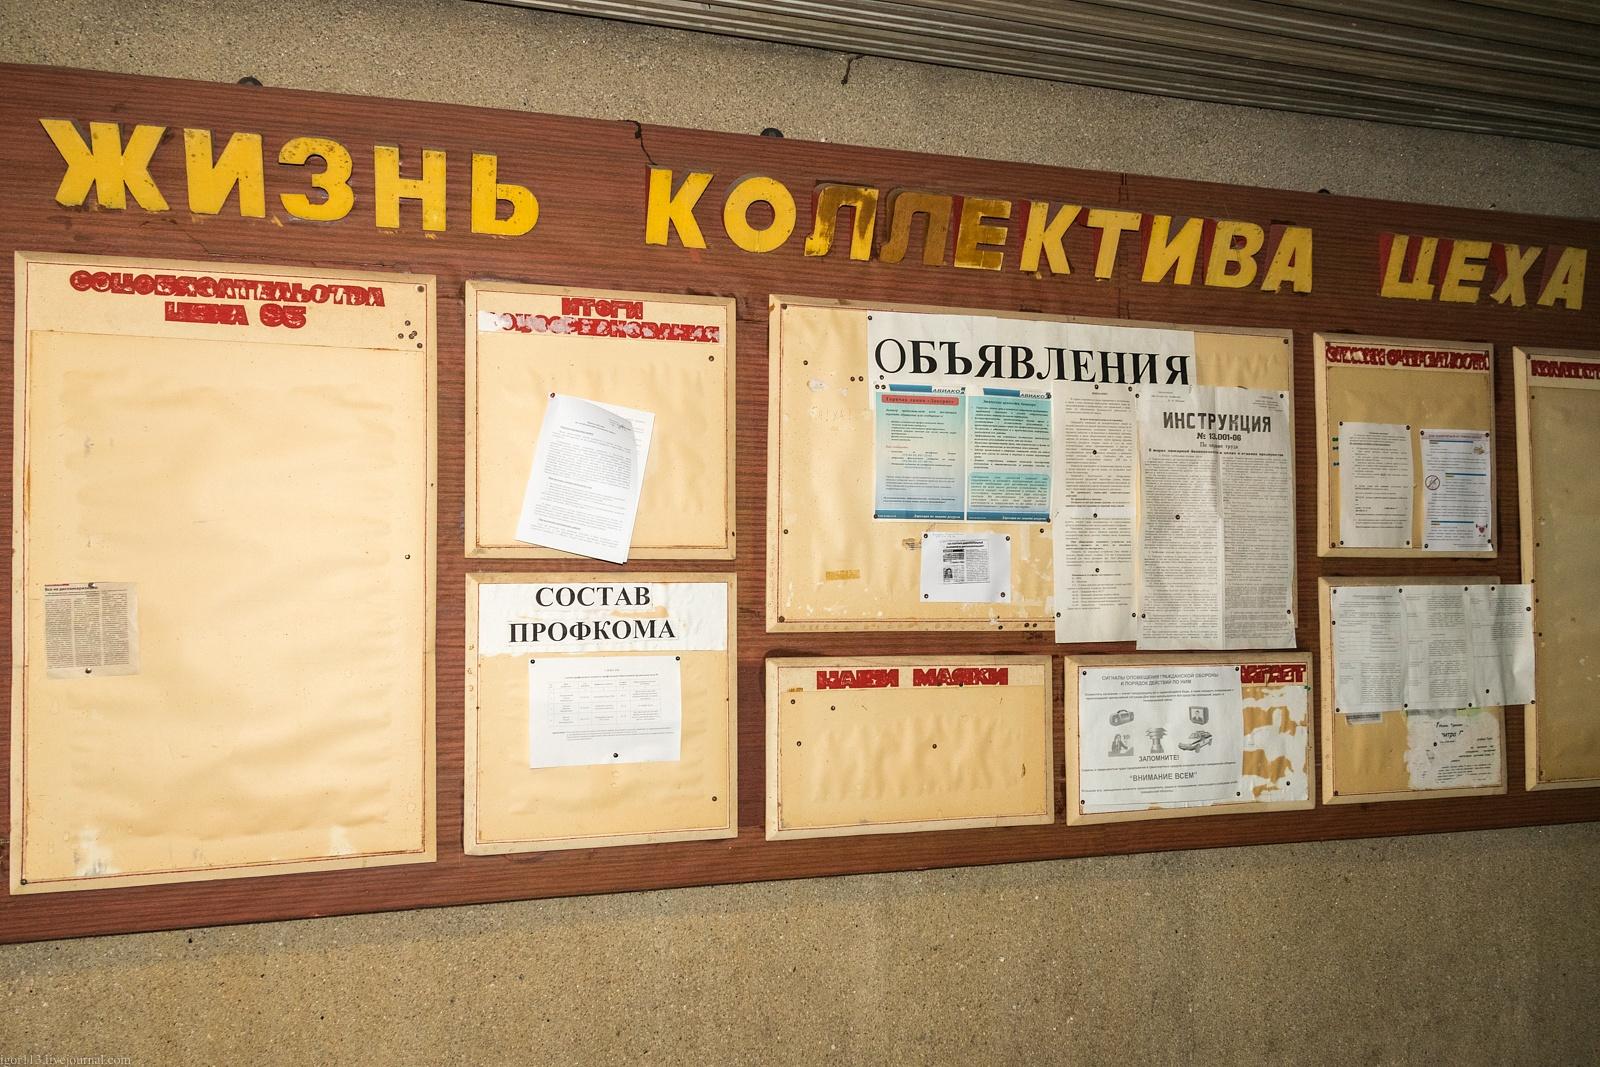 IgorKolokolov's Gallery